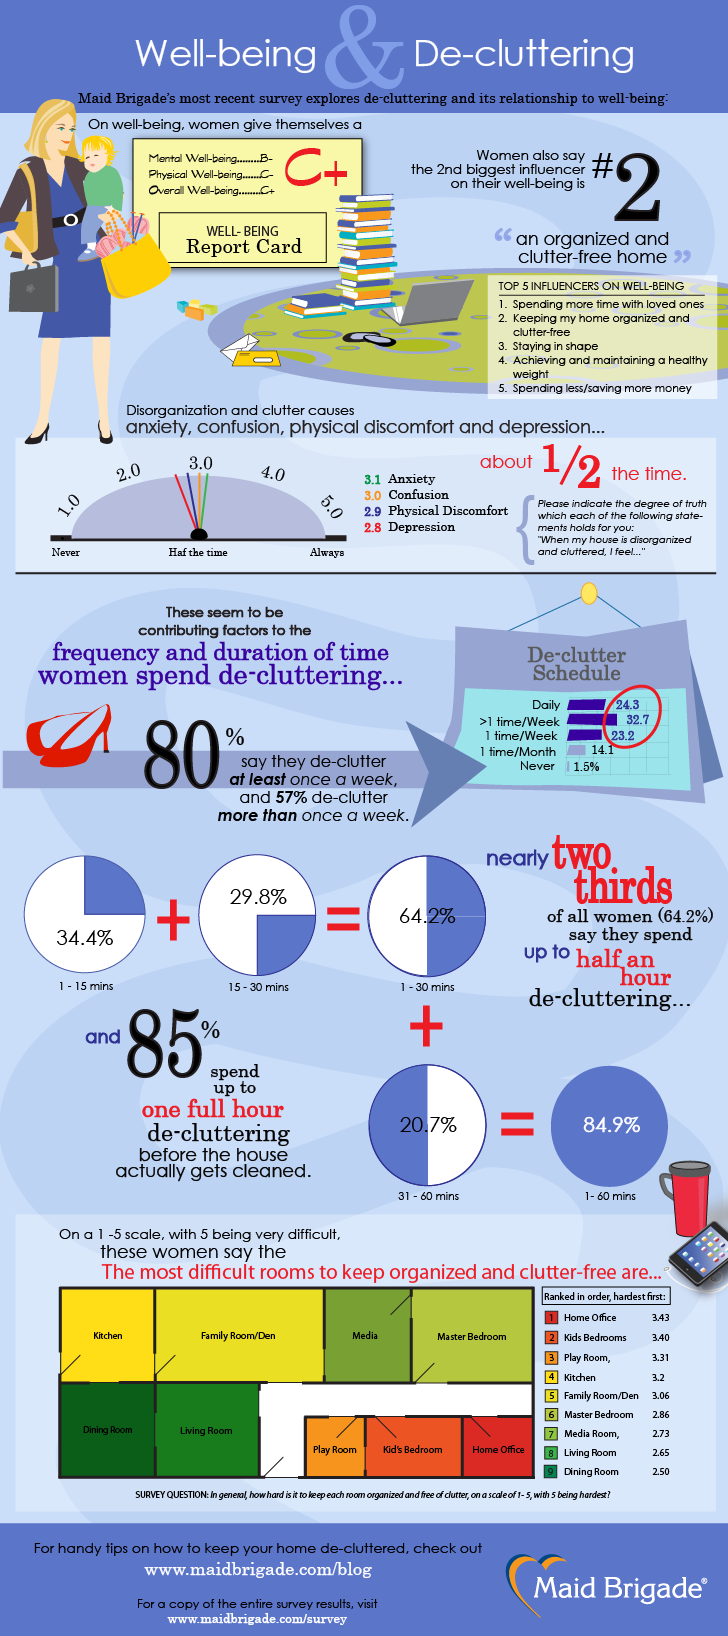 de-cluttering-infographic